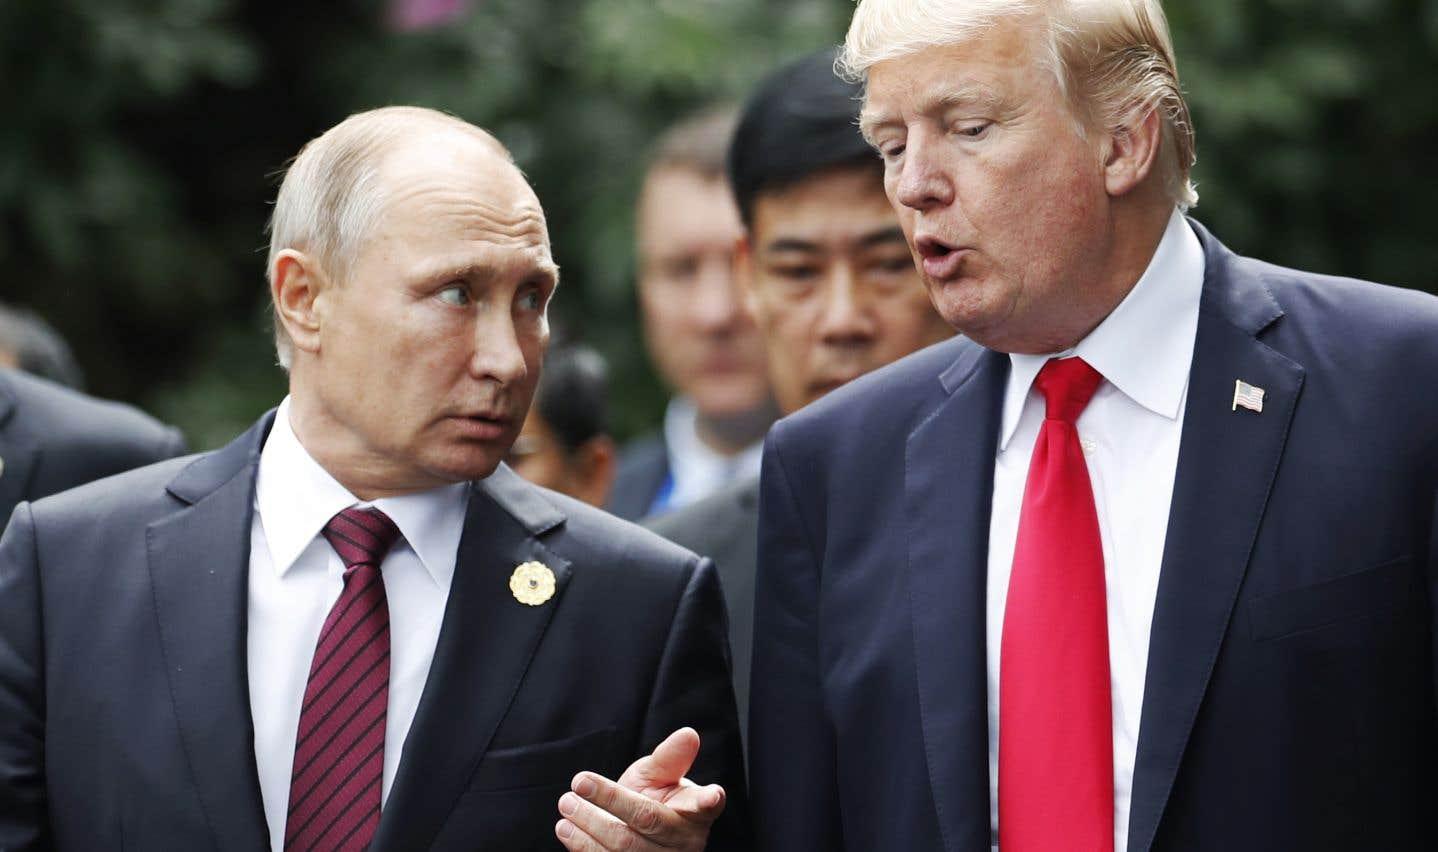 Le président russe, Vladimir Poutine, et le président américain, Donald Trump, au Vietnam en novembre dernier